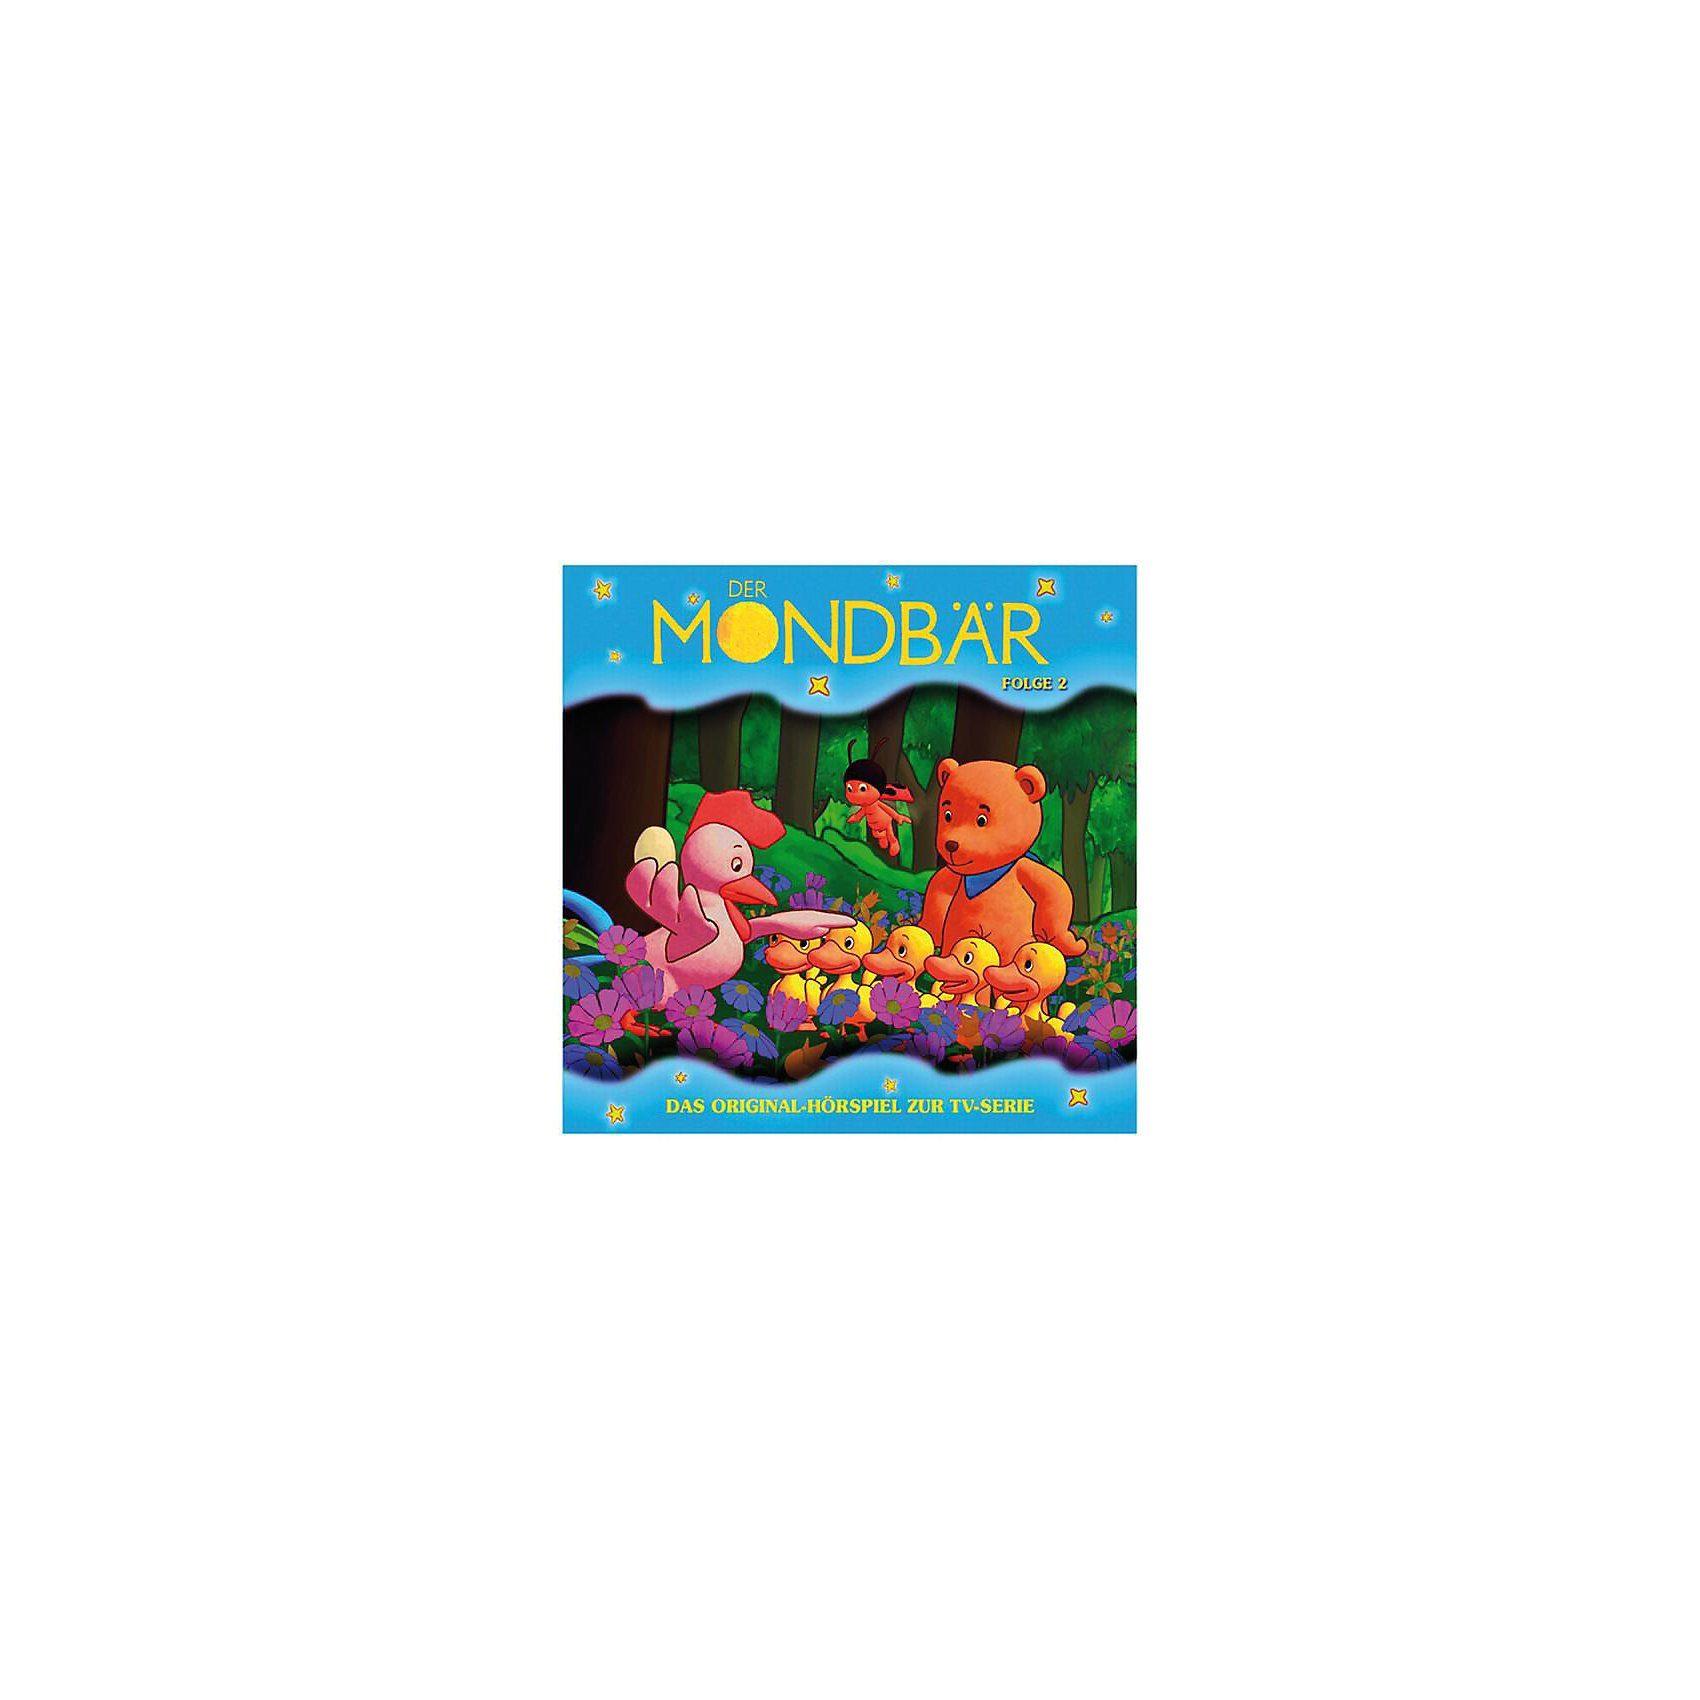 Edel CD Der Mondbär 02